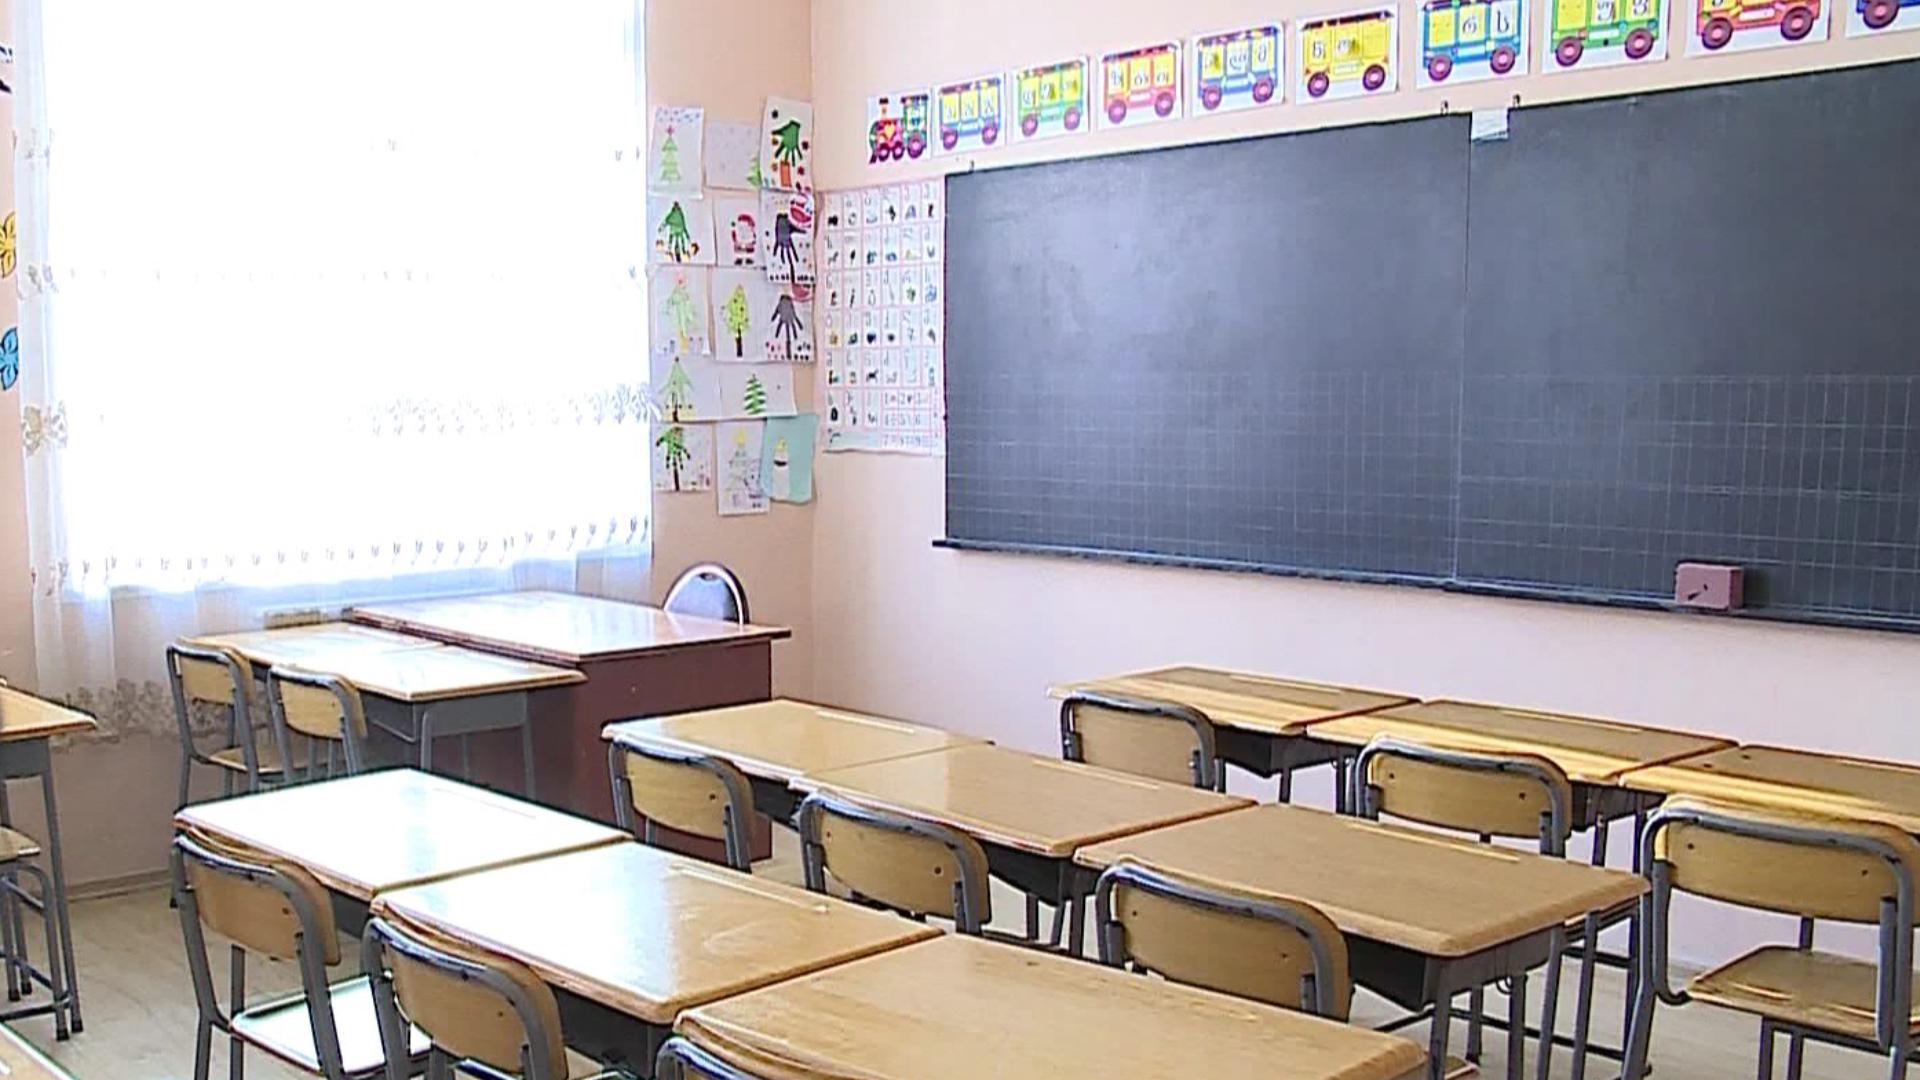 21 იანვარს სკოლებსა და ბაღებში სასწავლო პროცესი განახლდება